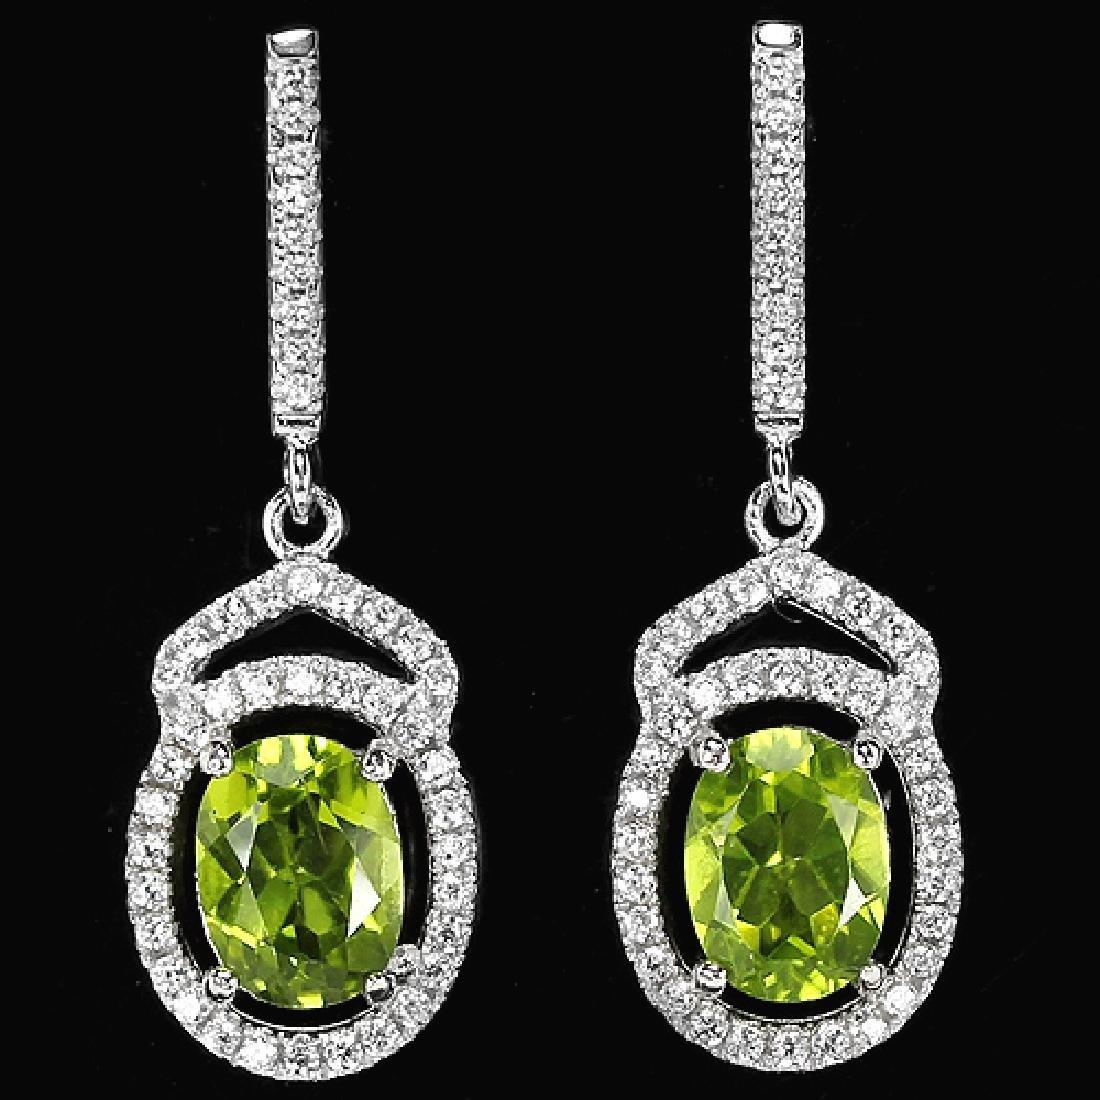 Natural Green Peridot Earrings